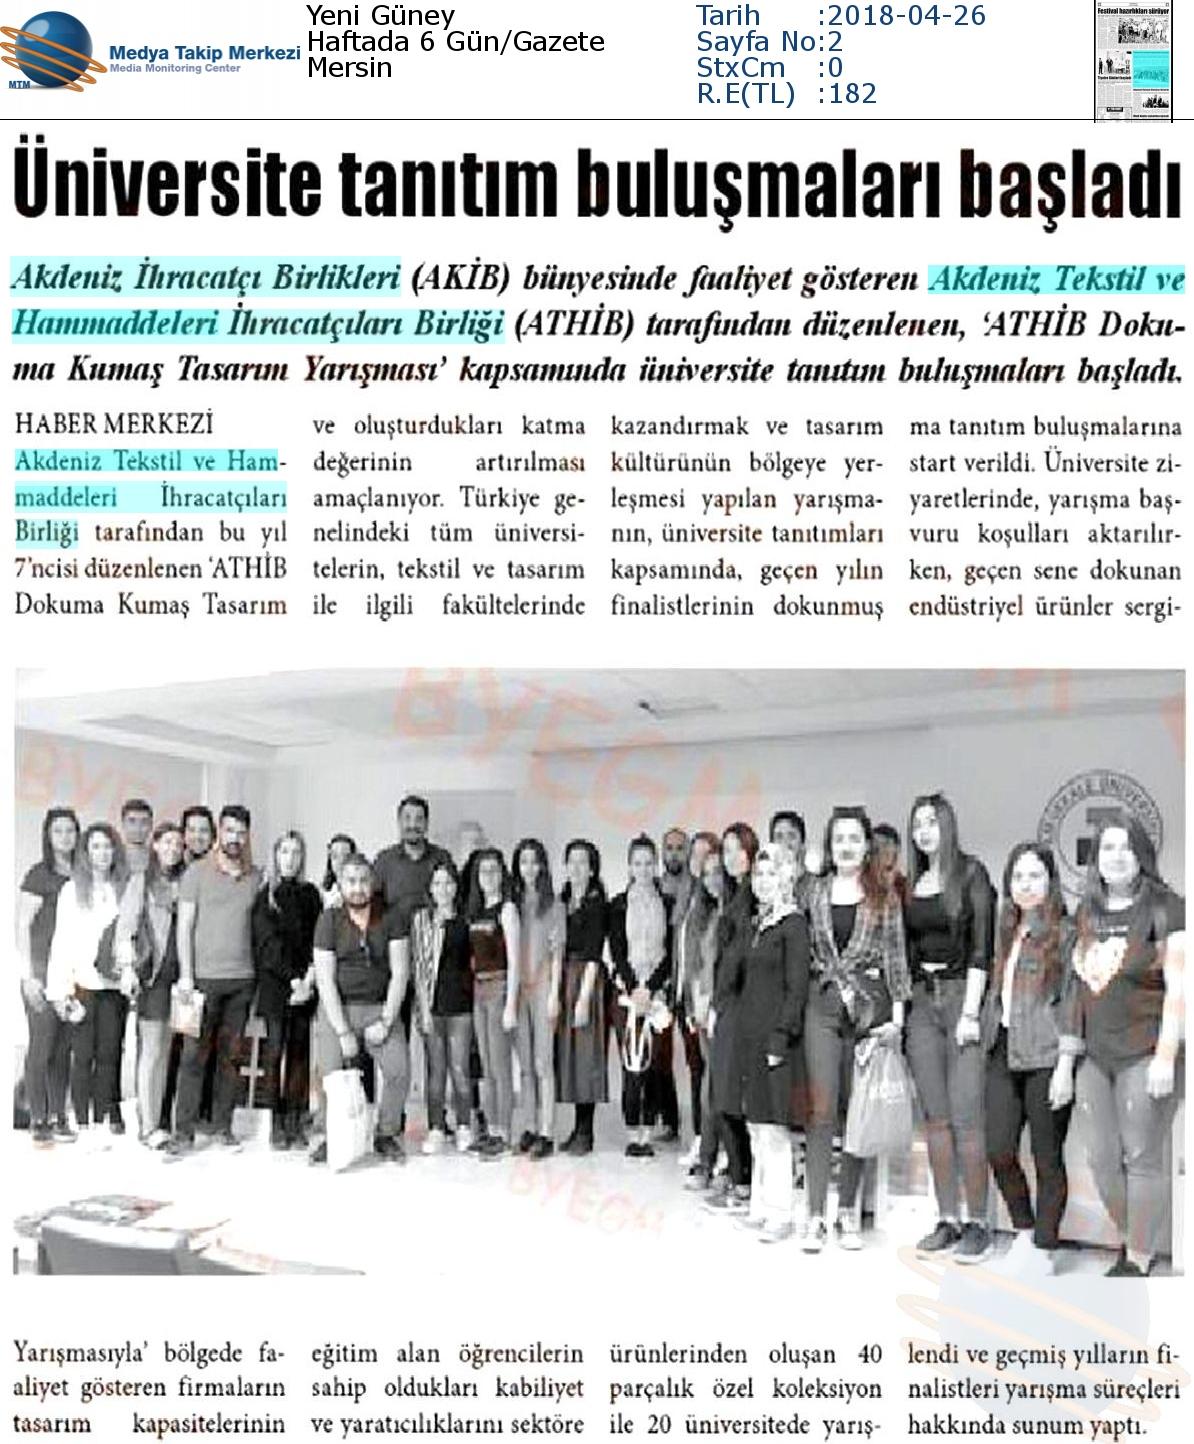 Yeni_Güney-ÜNİVERSİTE_TANITIM_BULUŞMALARI_BAŞLADI-26.04.2018